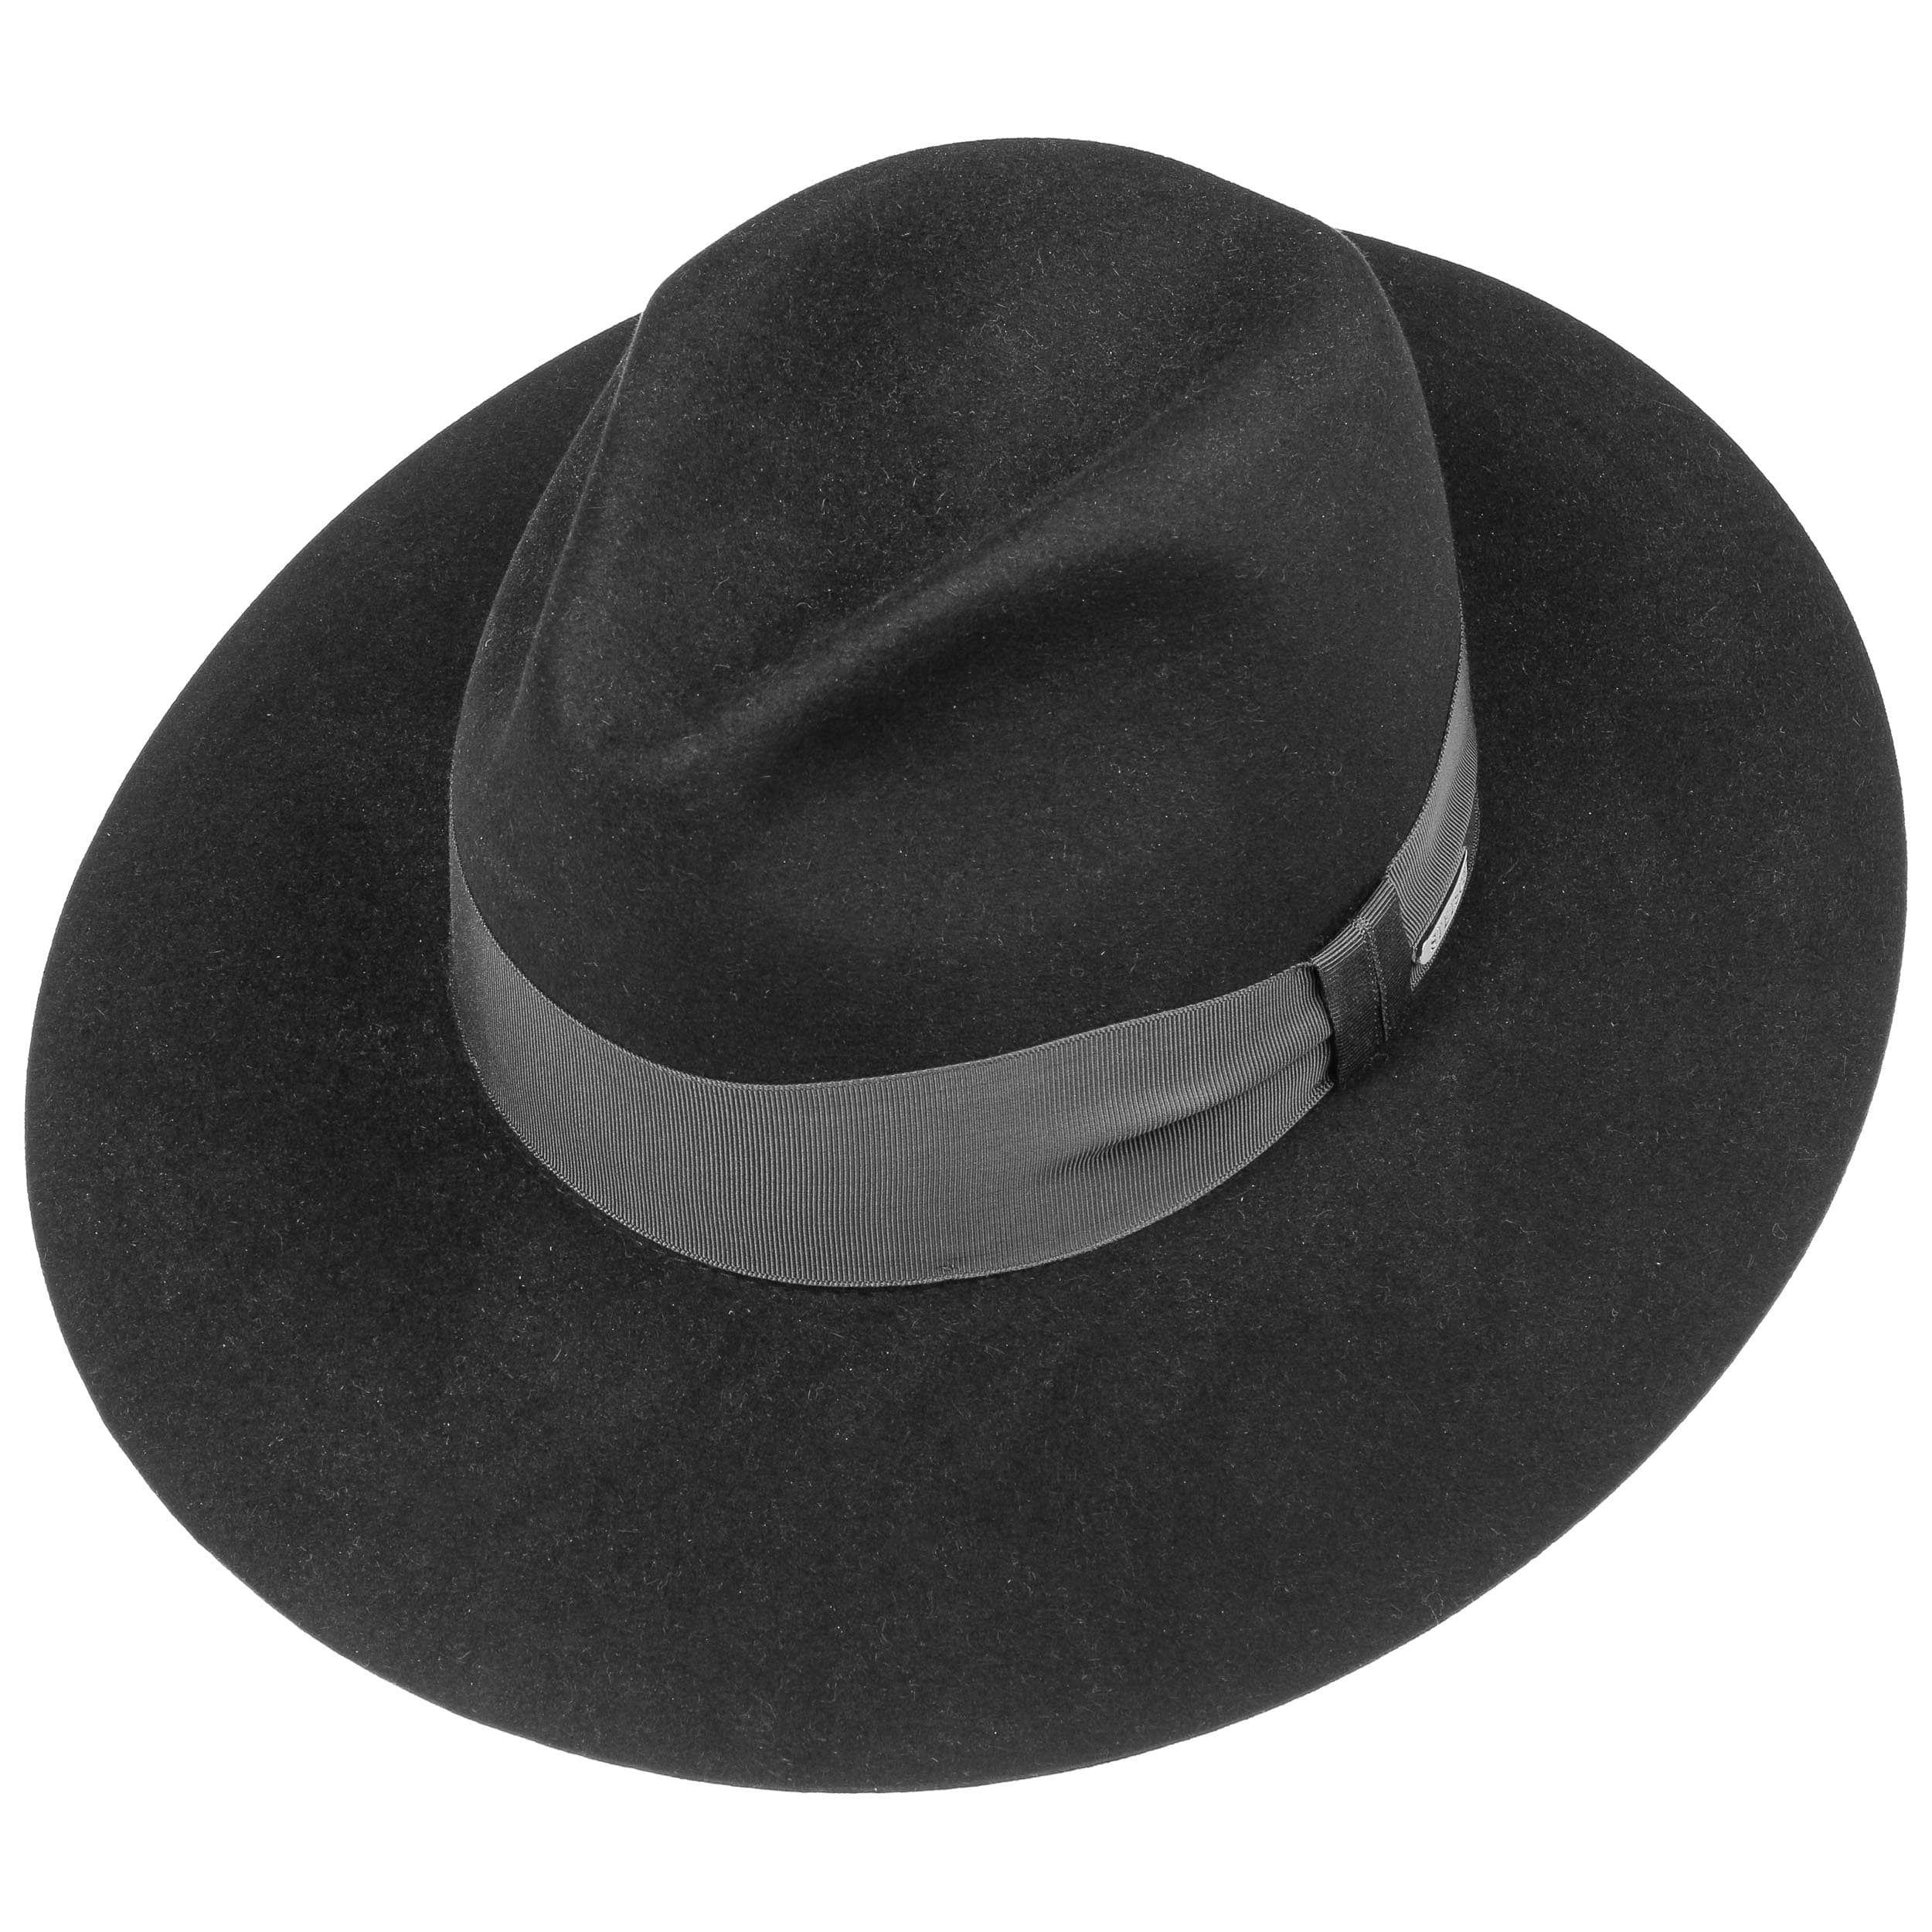 Marisa Haarfilz Damenhut schwarz